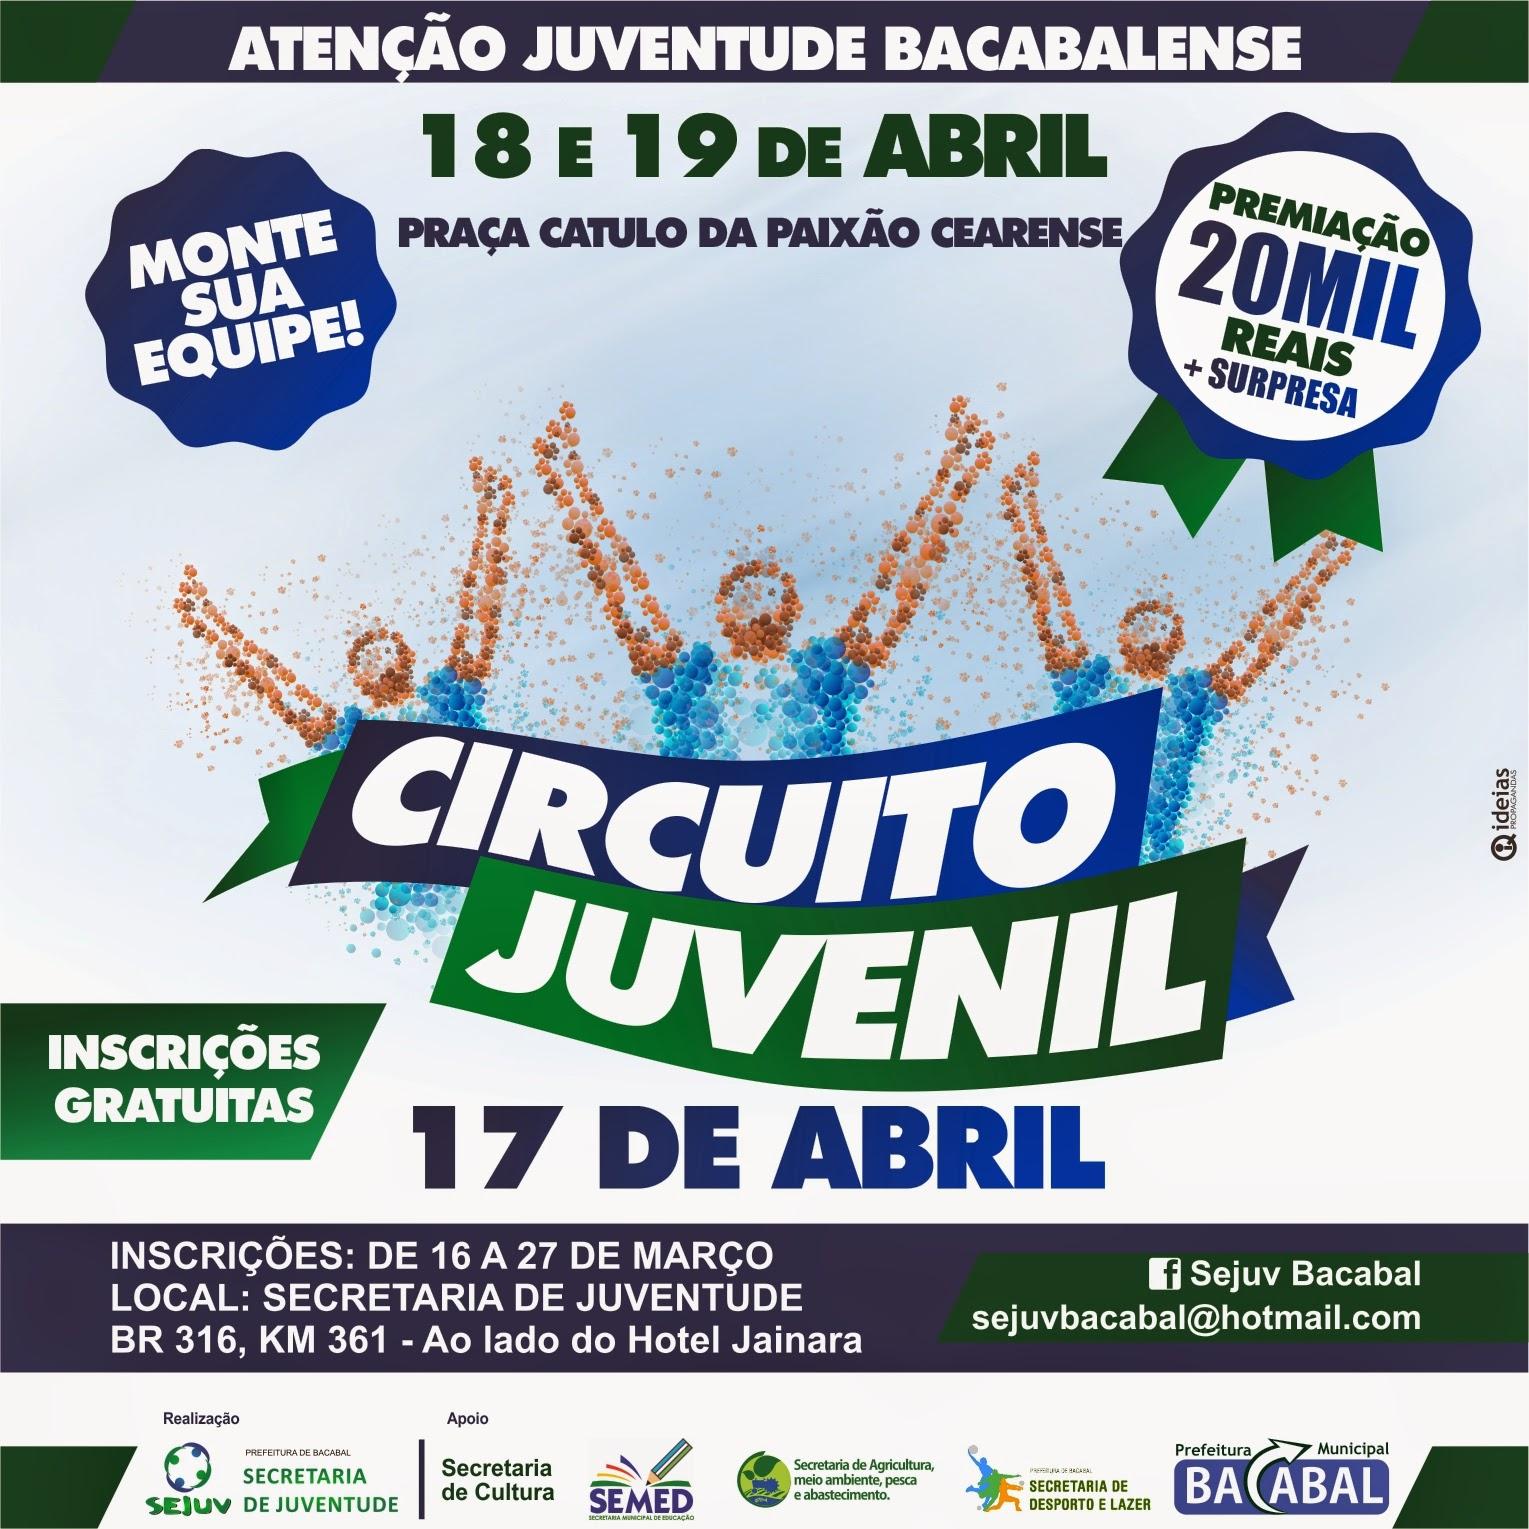 Inscrições para a gincana Circuito Juvenil 2015 em Bacabal com premiação de R$ 20 mil